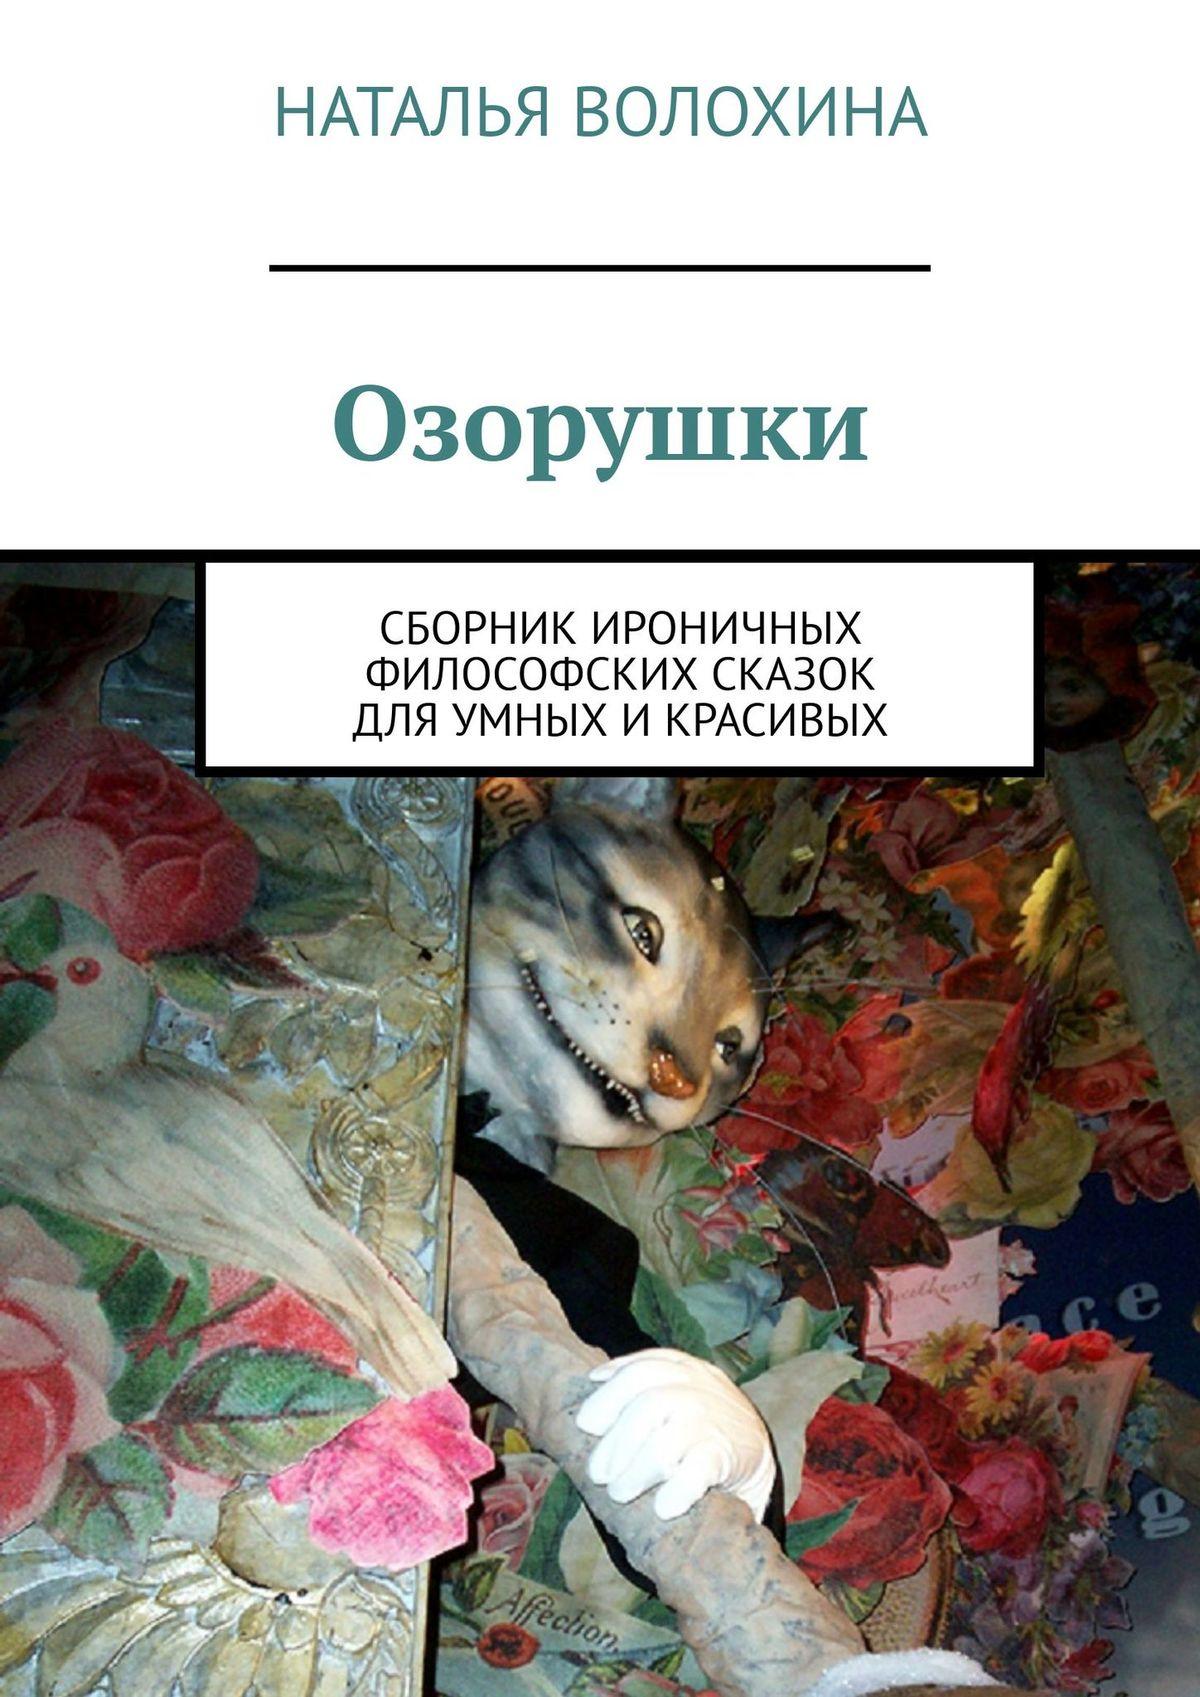 Наталья Волохина Озорушки. Сборник ироничных философских сказок дляумных икрасивых цена